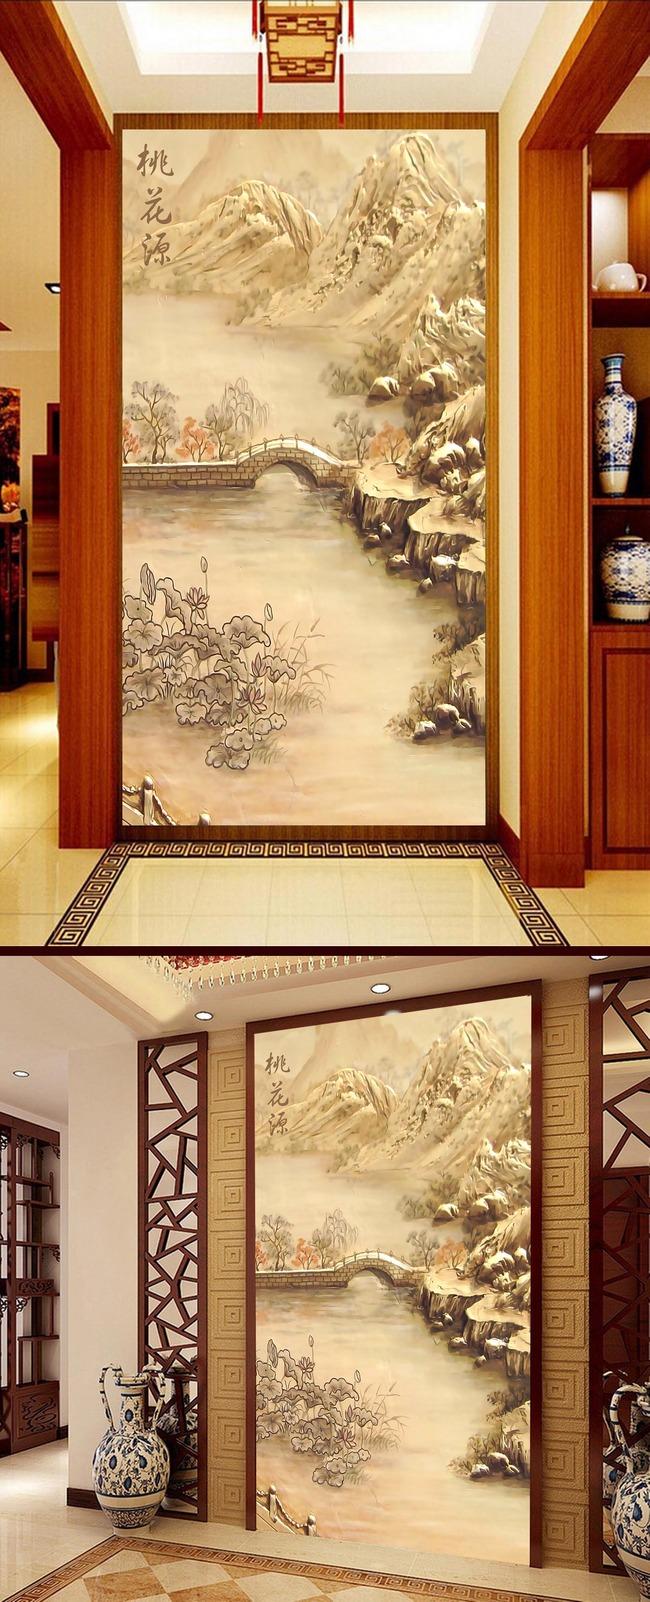 桃花源中式山水3d玄关壁画背景墙高清图片下载(图片)